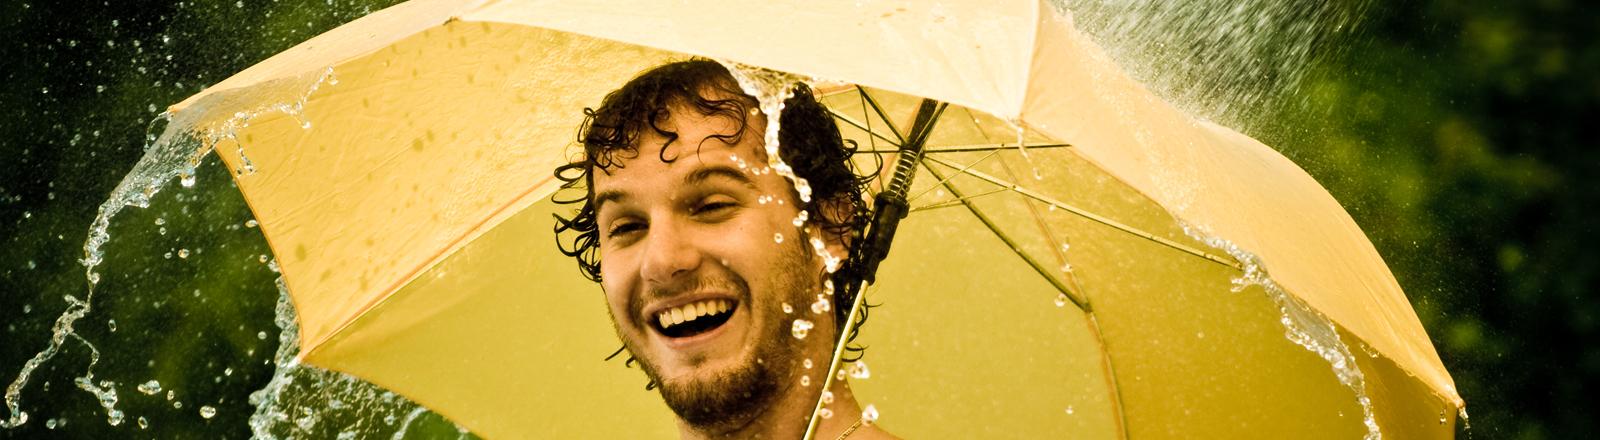 Ein Mann steht unter einem Regenschirm und duscht